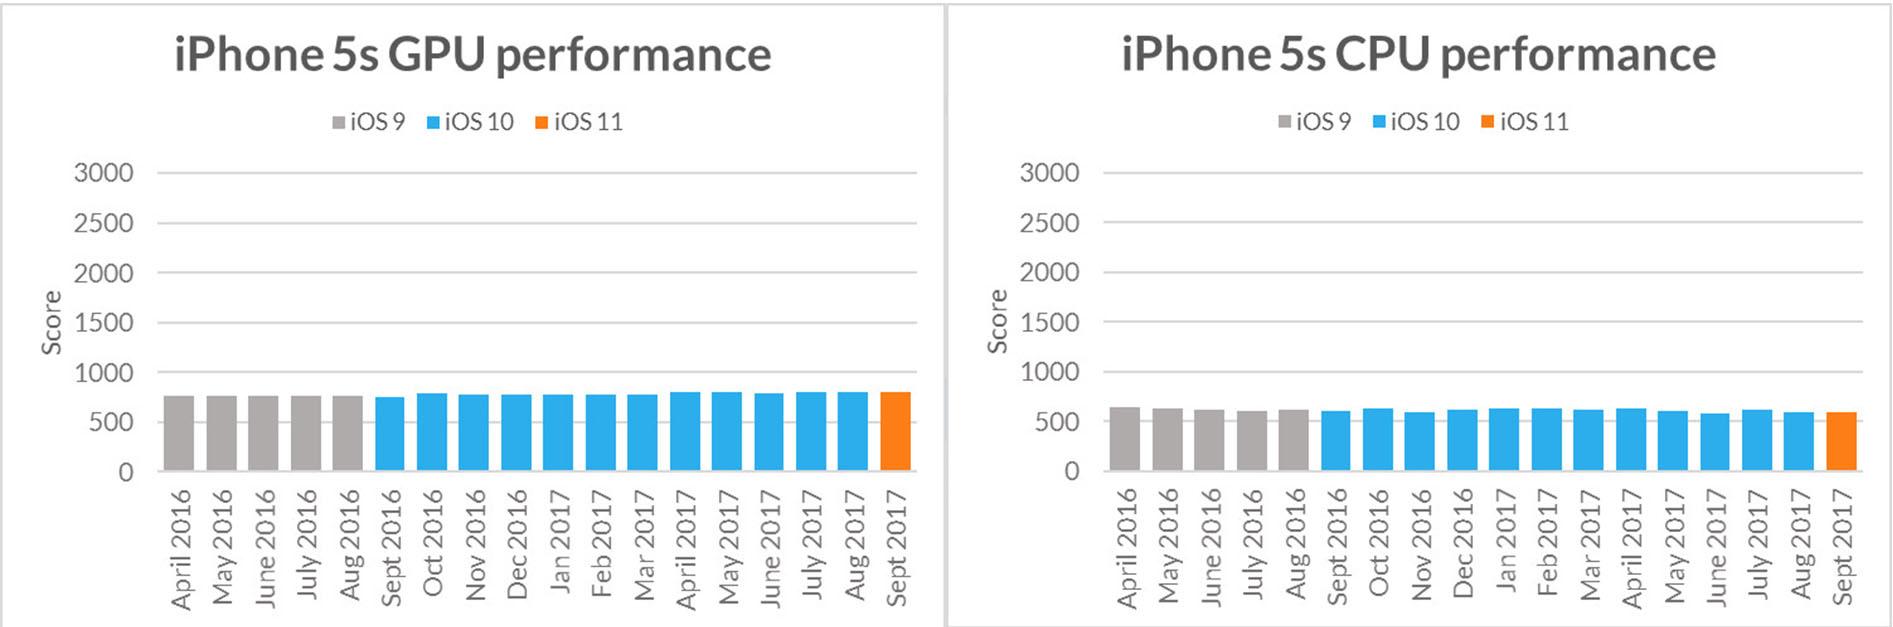 อัพเดท iOS รุ่นใหม่ทำให้ iPhone รุ่นเก่าช้าจริงหรือ ?